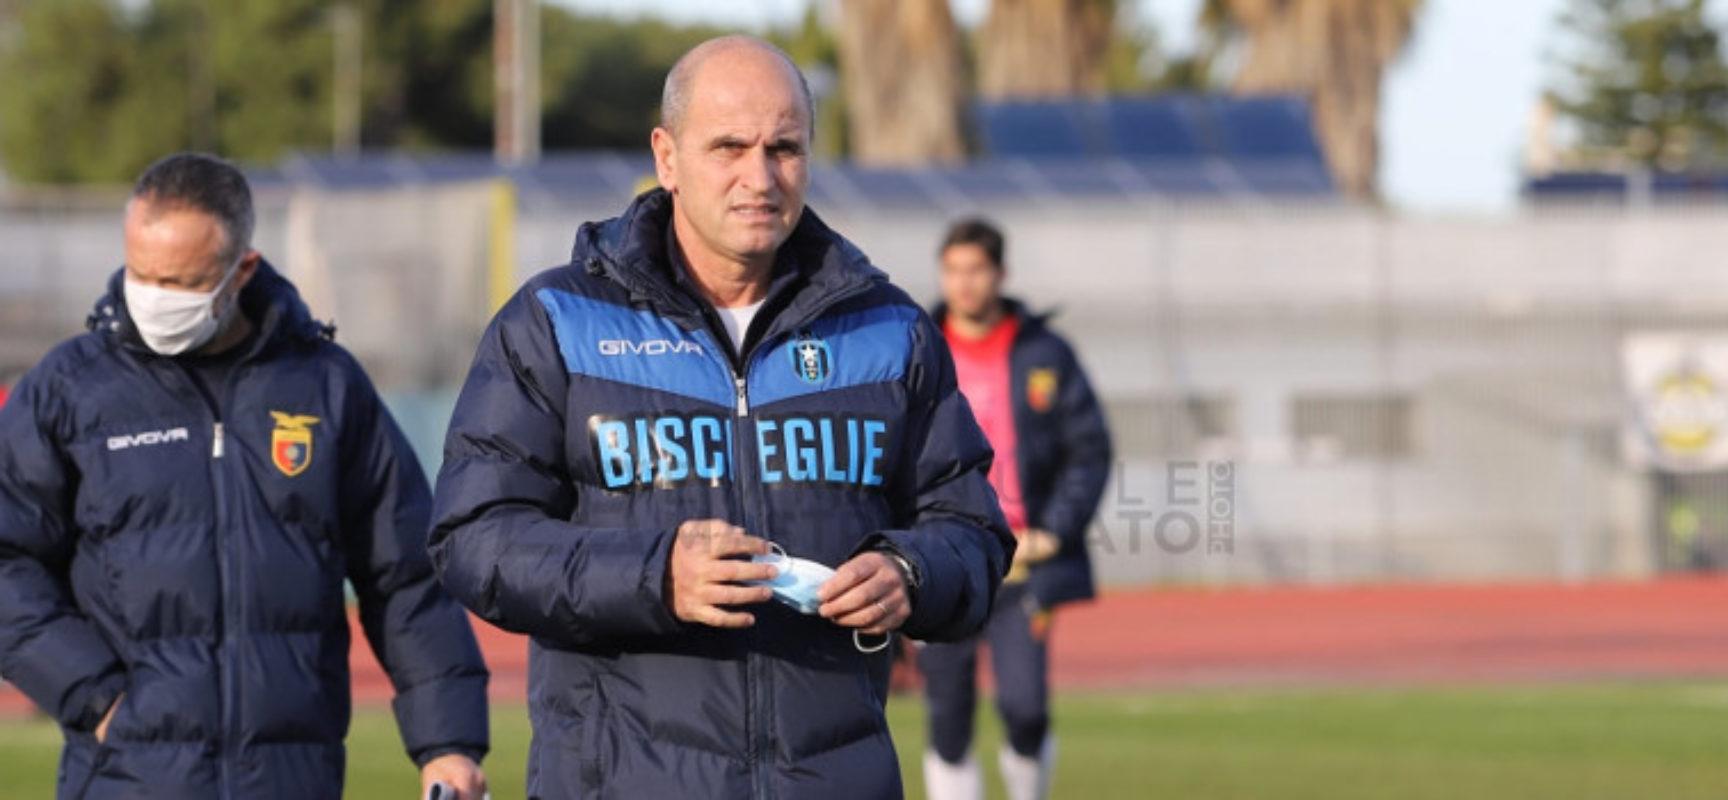 """Bisceglie Calcio, Bucaro nel pre-Foggia:  """"Vogliamo riscattarci e giocare una grande partita"""""""